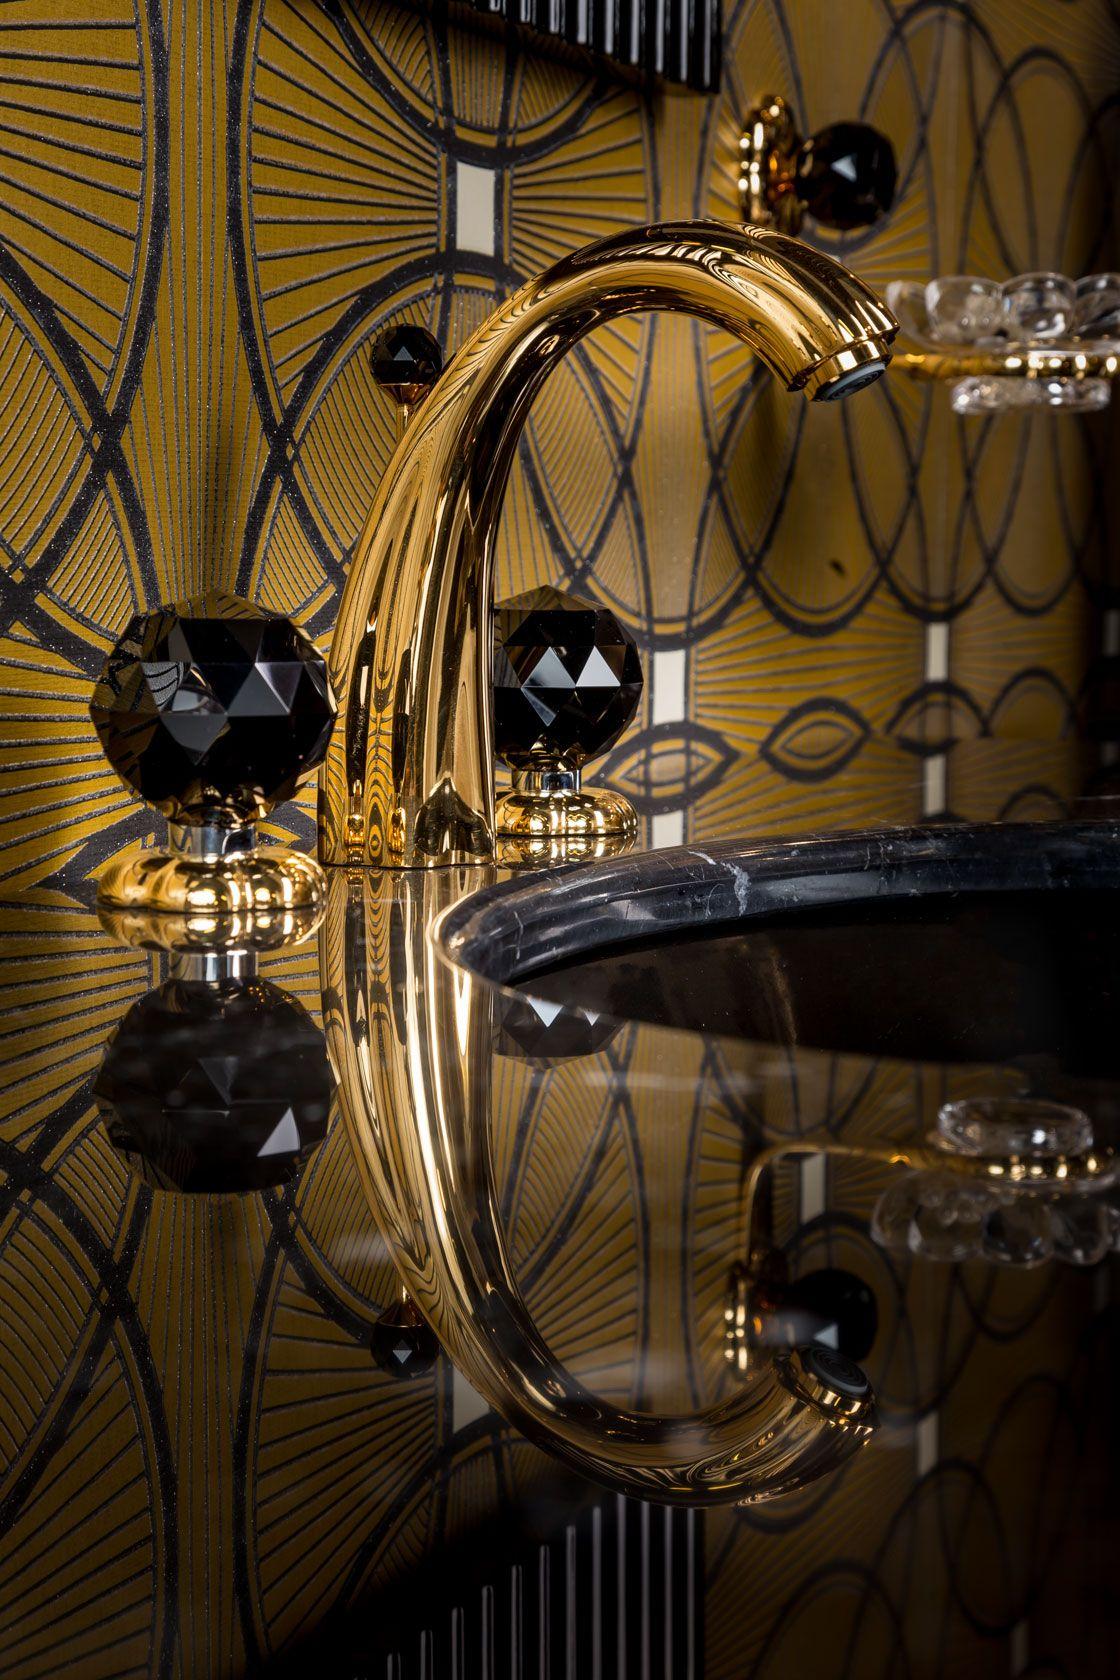 Florale Crystal Waschtisch 3 Loch Armatur In 24 Karat Gold Und Schwarzen Swarowski Kristallen Armaturen Bad Badarmaturen Armaturen